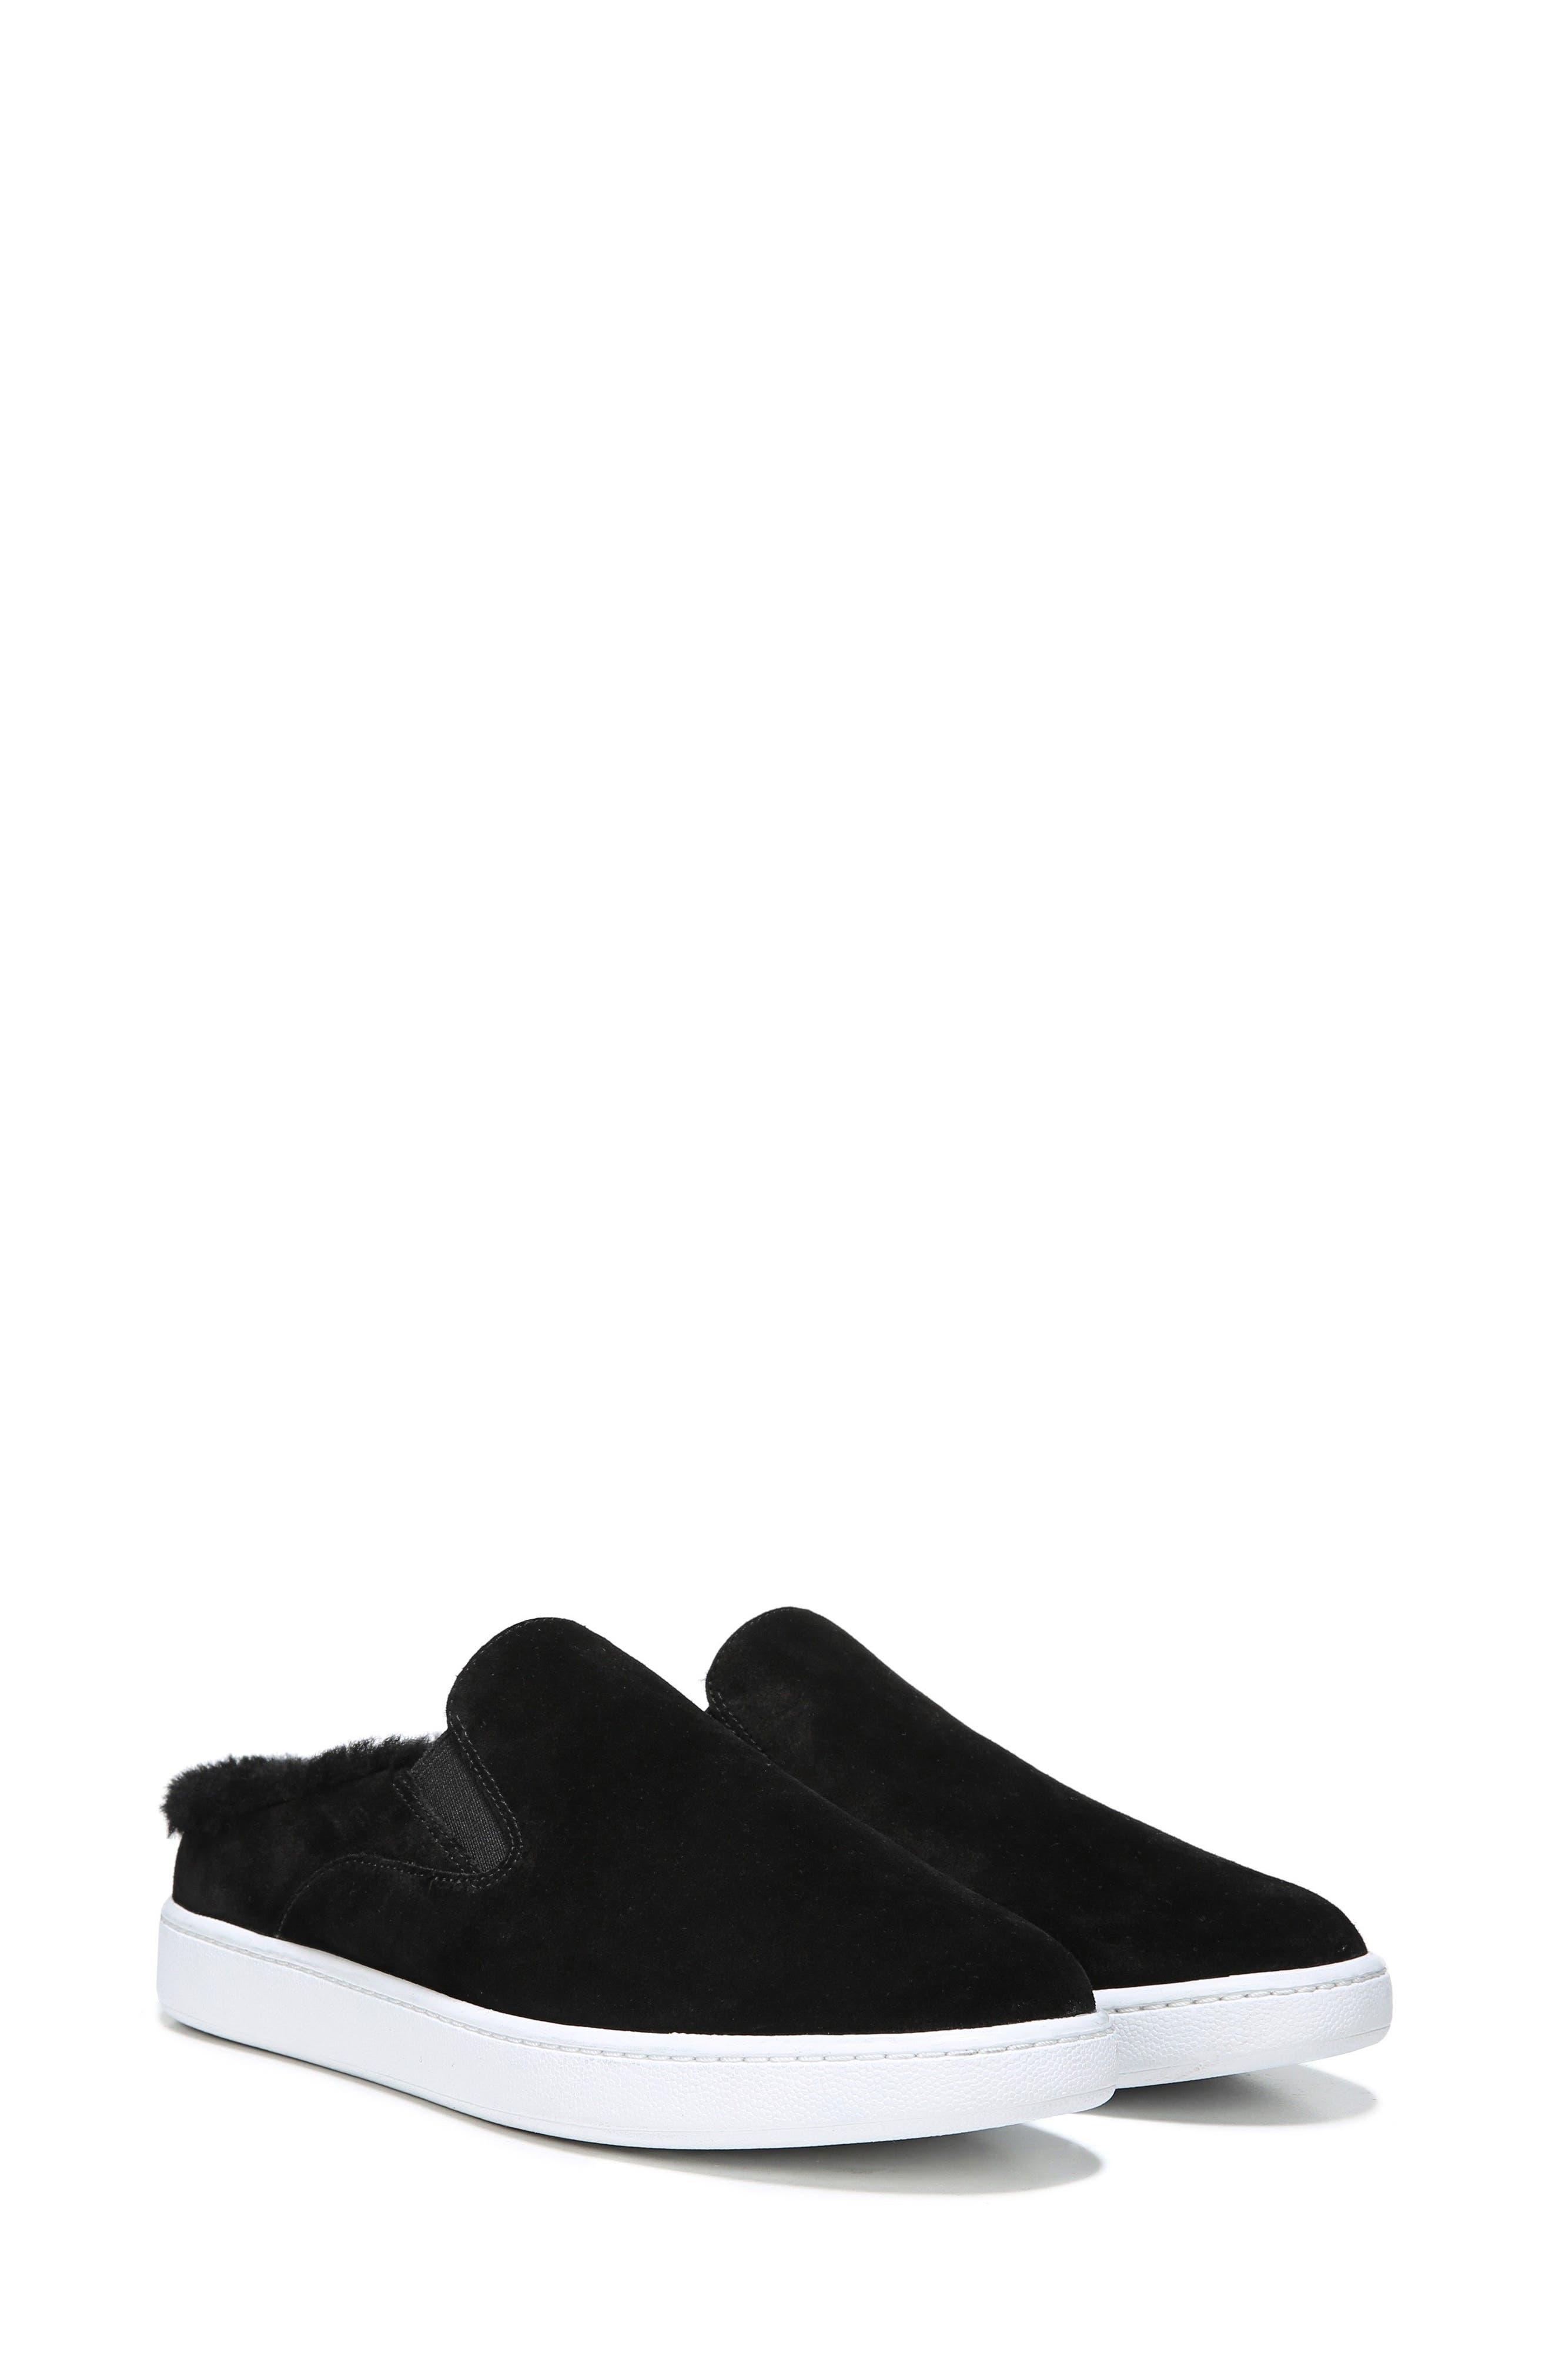 Verrell Genuine Shearling Slip-On Sneaker,                             Alternate thumbnail 7, color,                             001